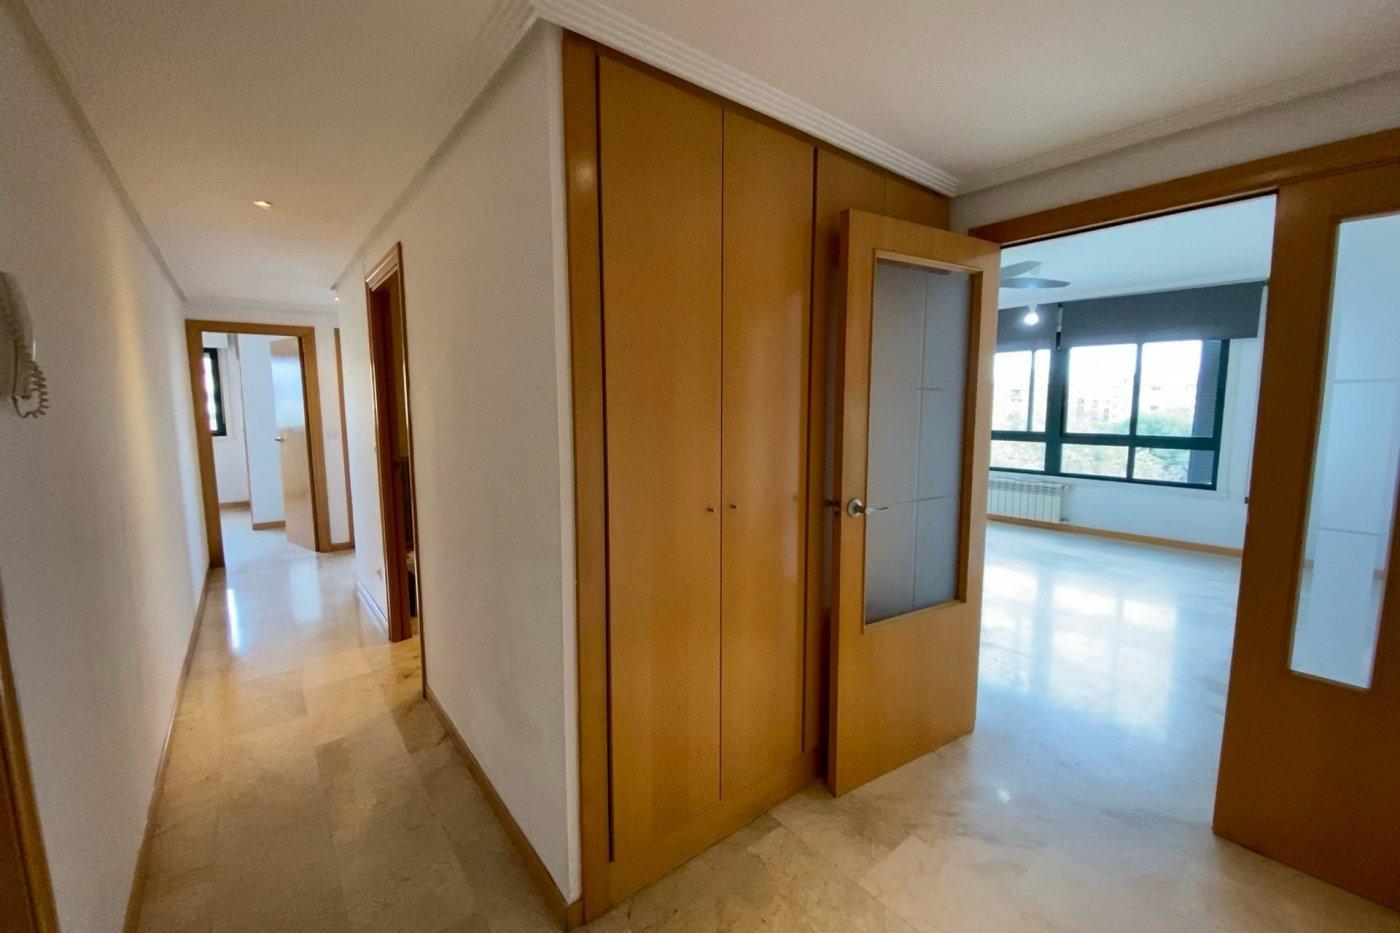 Piso sin muebles de 105 m² de superficie en zona residencial de son cotoner, palma de mall - imagenInmueble4